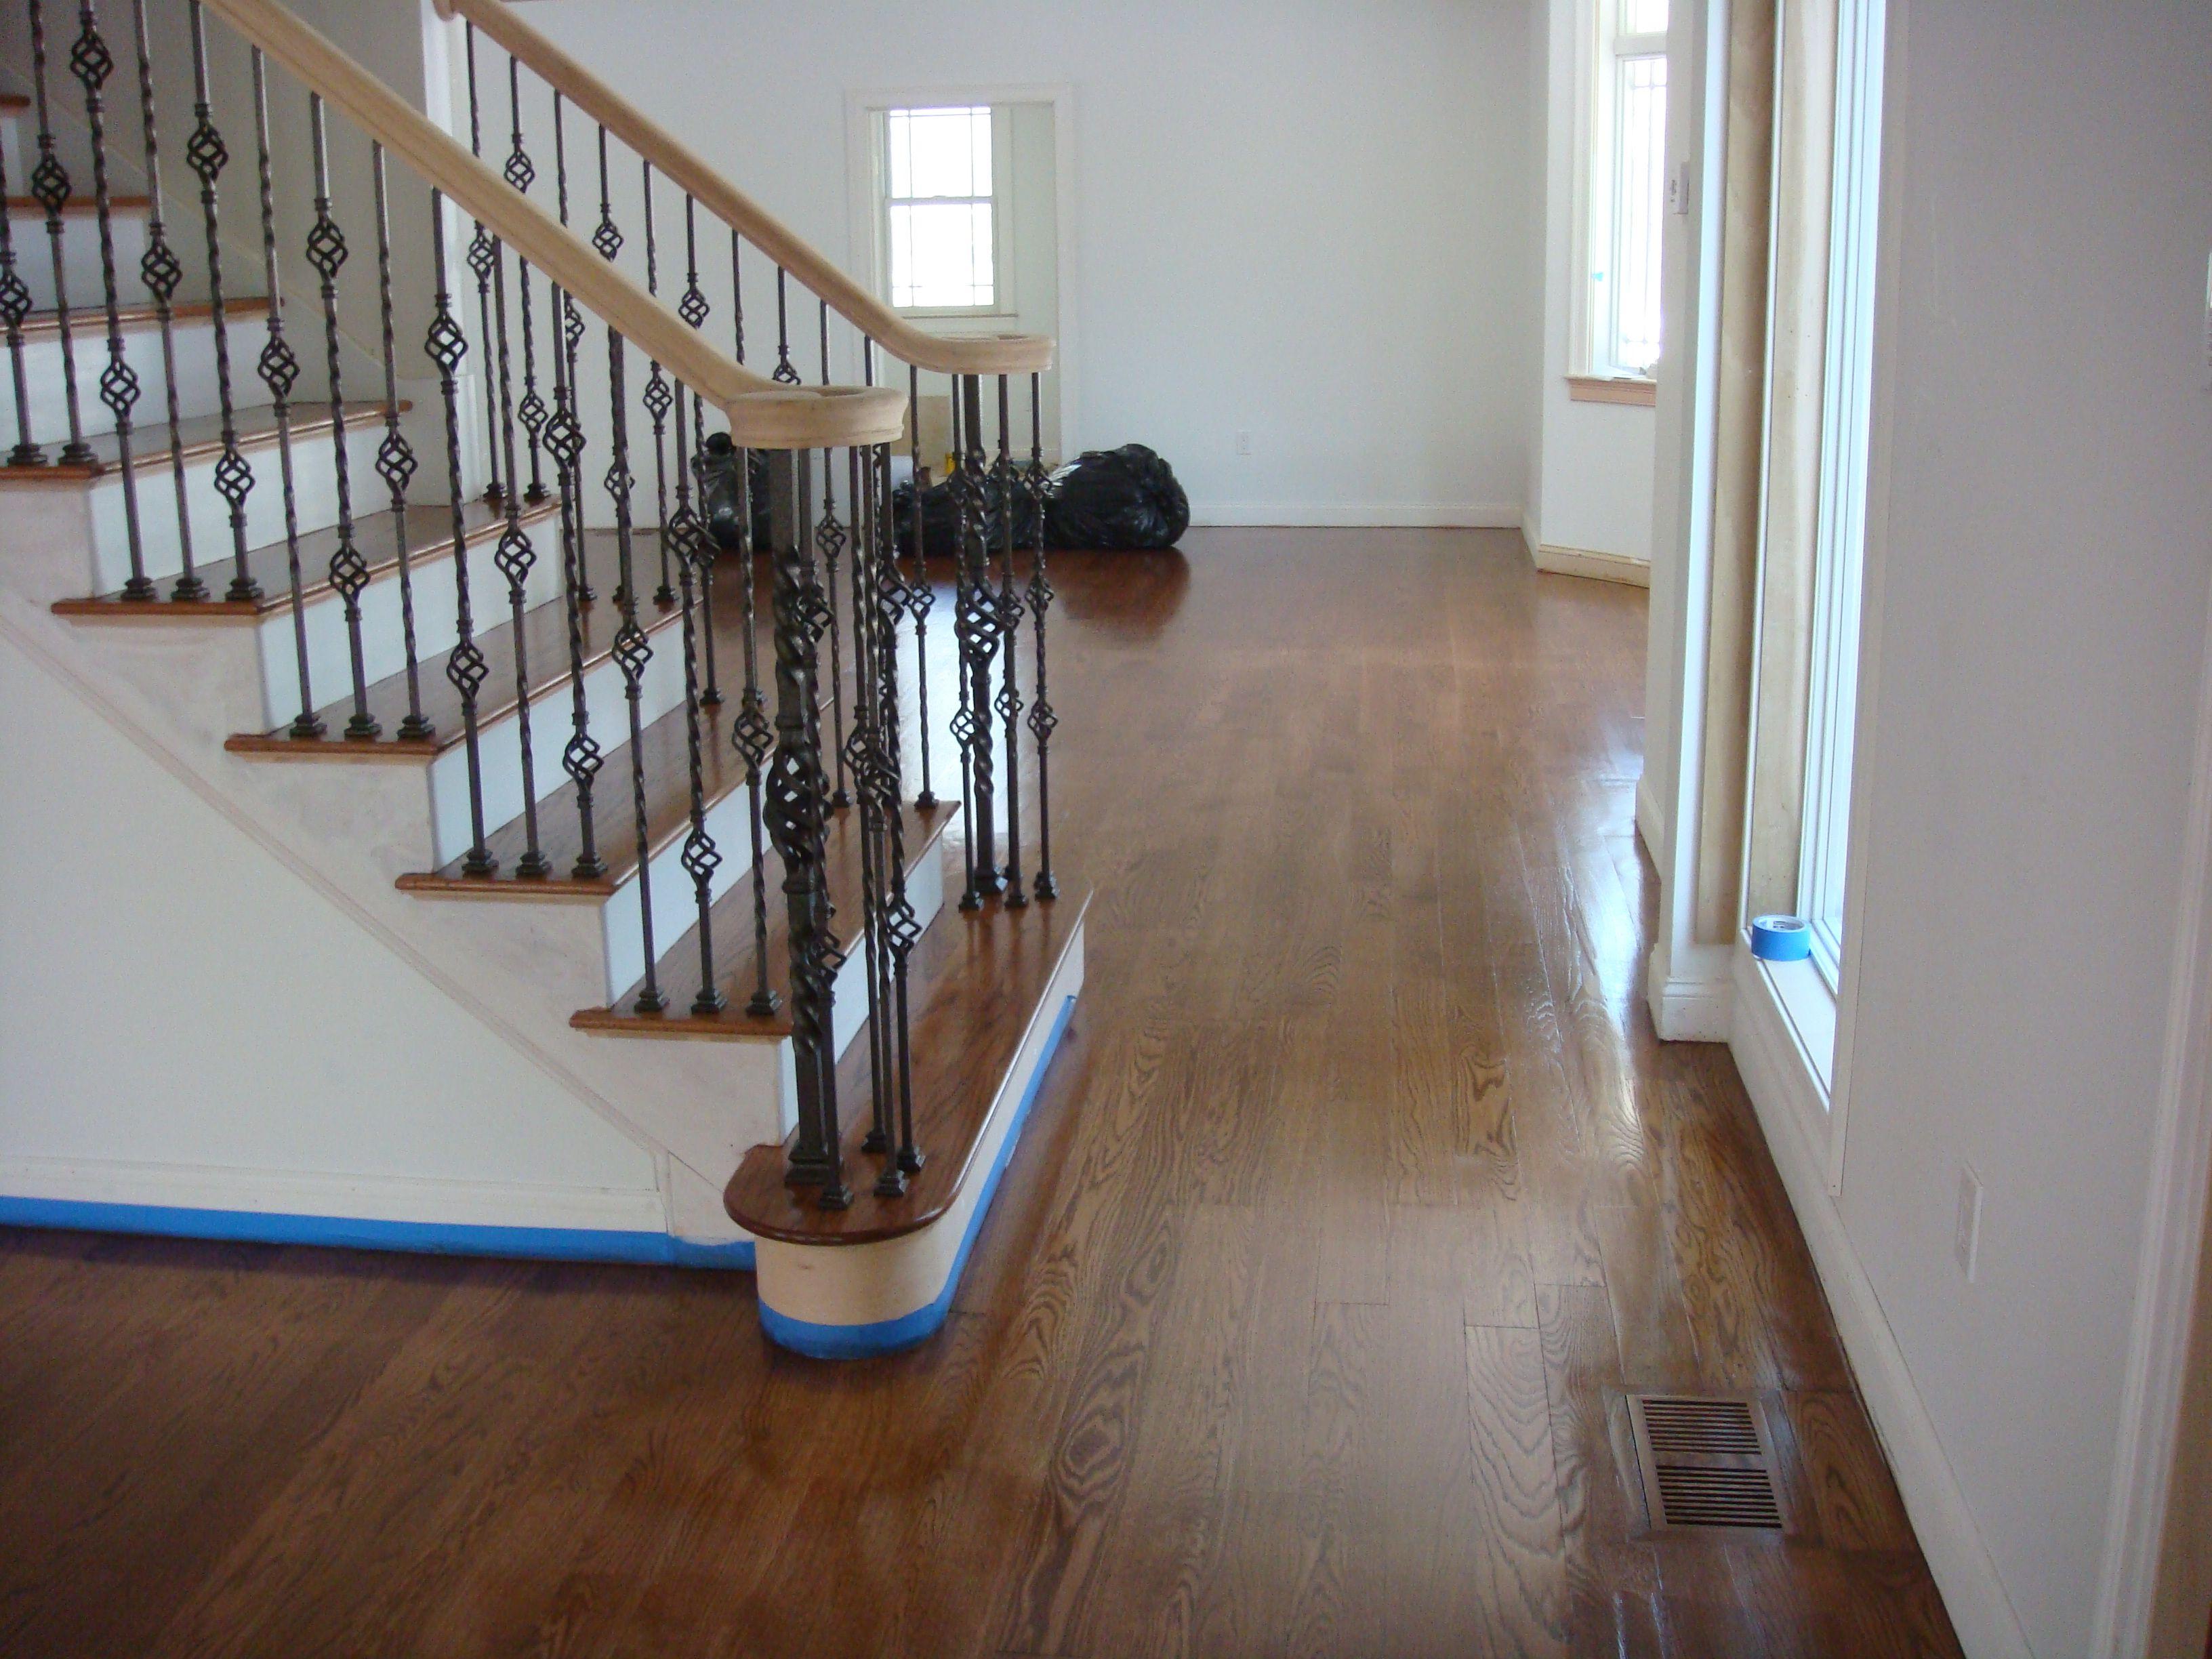 best hardwood floors for dogs - YouTube